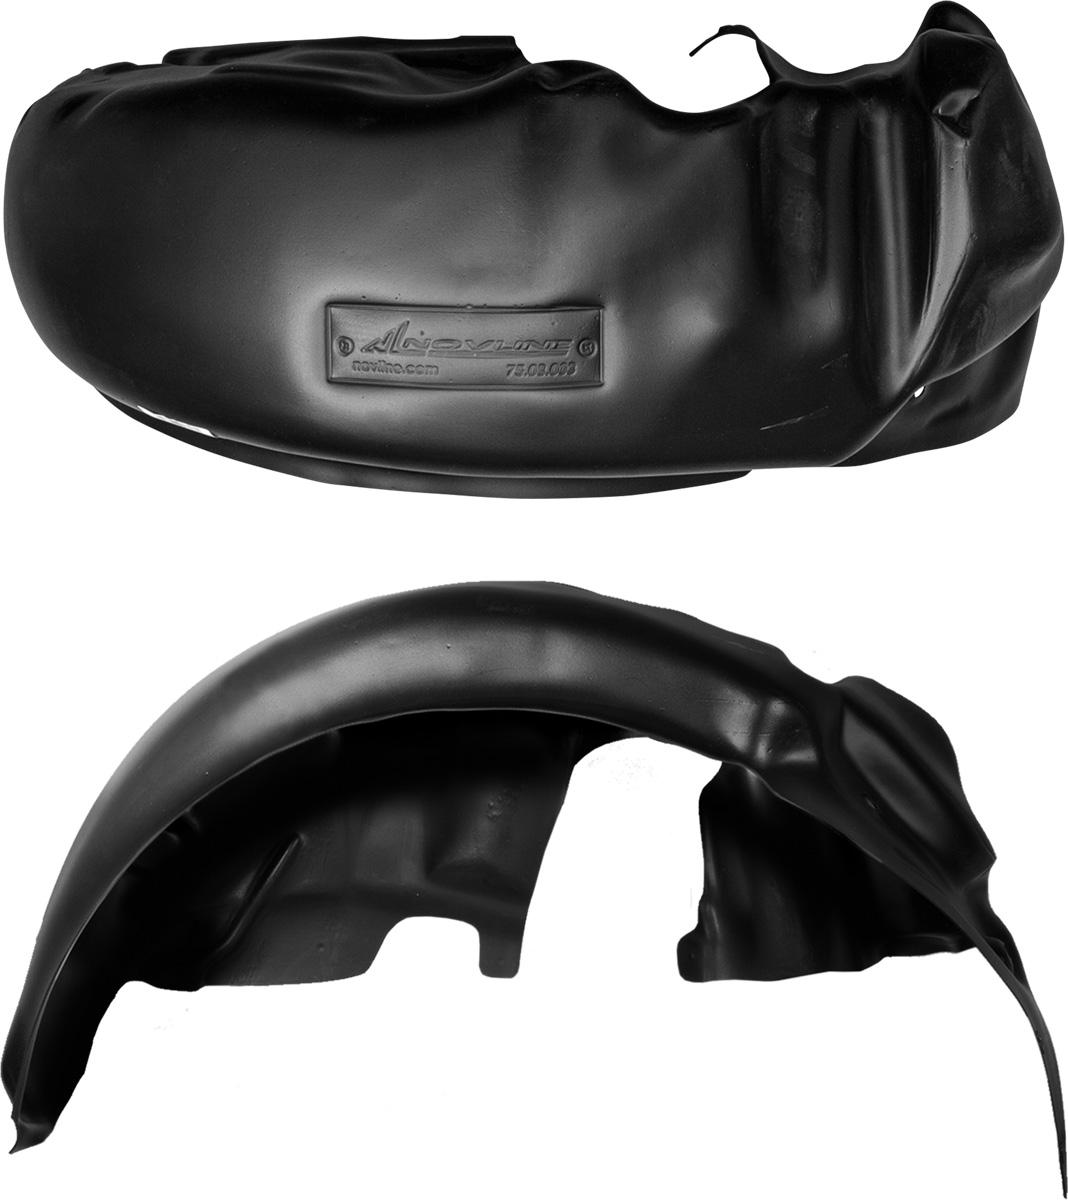 Подкрылок Novline-Autofamily, для Kia Rio, 2012-> хэтчбек, задний левыйK100Колесные ниши - одни из самых уязвимых зон днища вашего автомобиля. Они постоянно подвергаются воздействию со стороны дороги. Лучшая, почти абсолютная защита для них - специально отформованные пластиковые кожухи, которые называются подкрылками. Производятся они как для отечественных моделей автомобилей, так и для иномарок. Подкрылки Novline-Autofamily выполнены из высококачественного, экологически чистого пластика. Обеспечивают надежную защиту кузова автомобиля от пескоструйного эффекта и негативного влияния, агрессивных антигололедных реагентов. Пластик обладает более низкой теплопроводностью, чем металл, поэтому в зимний период эксплуатации использование пластиковых подкрылков позволяет лучше защитить колесные ниши от налипания снега и образования наледи. Оригинальность конструкции подчеркивает элегантность автомобиля, бережно защищает нанесенное на днище кузова антикоррозийное покрытие и позволяет осуществить крепление подкрылков внутри колесной арки практически без дополнительного крепежа и сверления, не нарушая при этом лакокрасочного покрытия, что предотвращает возникновение новых очагов коррозии. Подкрылки долговечны, обладают высокой прочностью и сохраняют заданную форму, а также все свои физико-механические характеристики в самых тяжелых климатических условиях (от -50°С до +50°С).Уважаемые клиенты!Обращаем ваше внимание, на тот факт, что подкрылок имеет форму, соответствующую модели данного автомобиля. Фото служит для визуального восприятия товара.